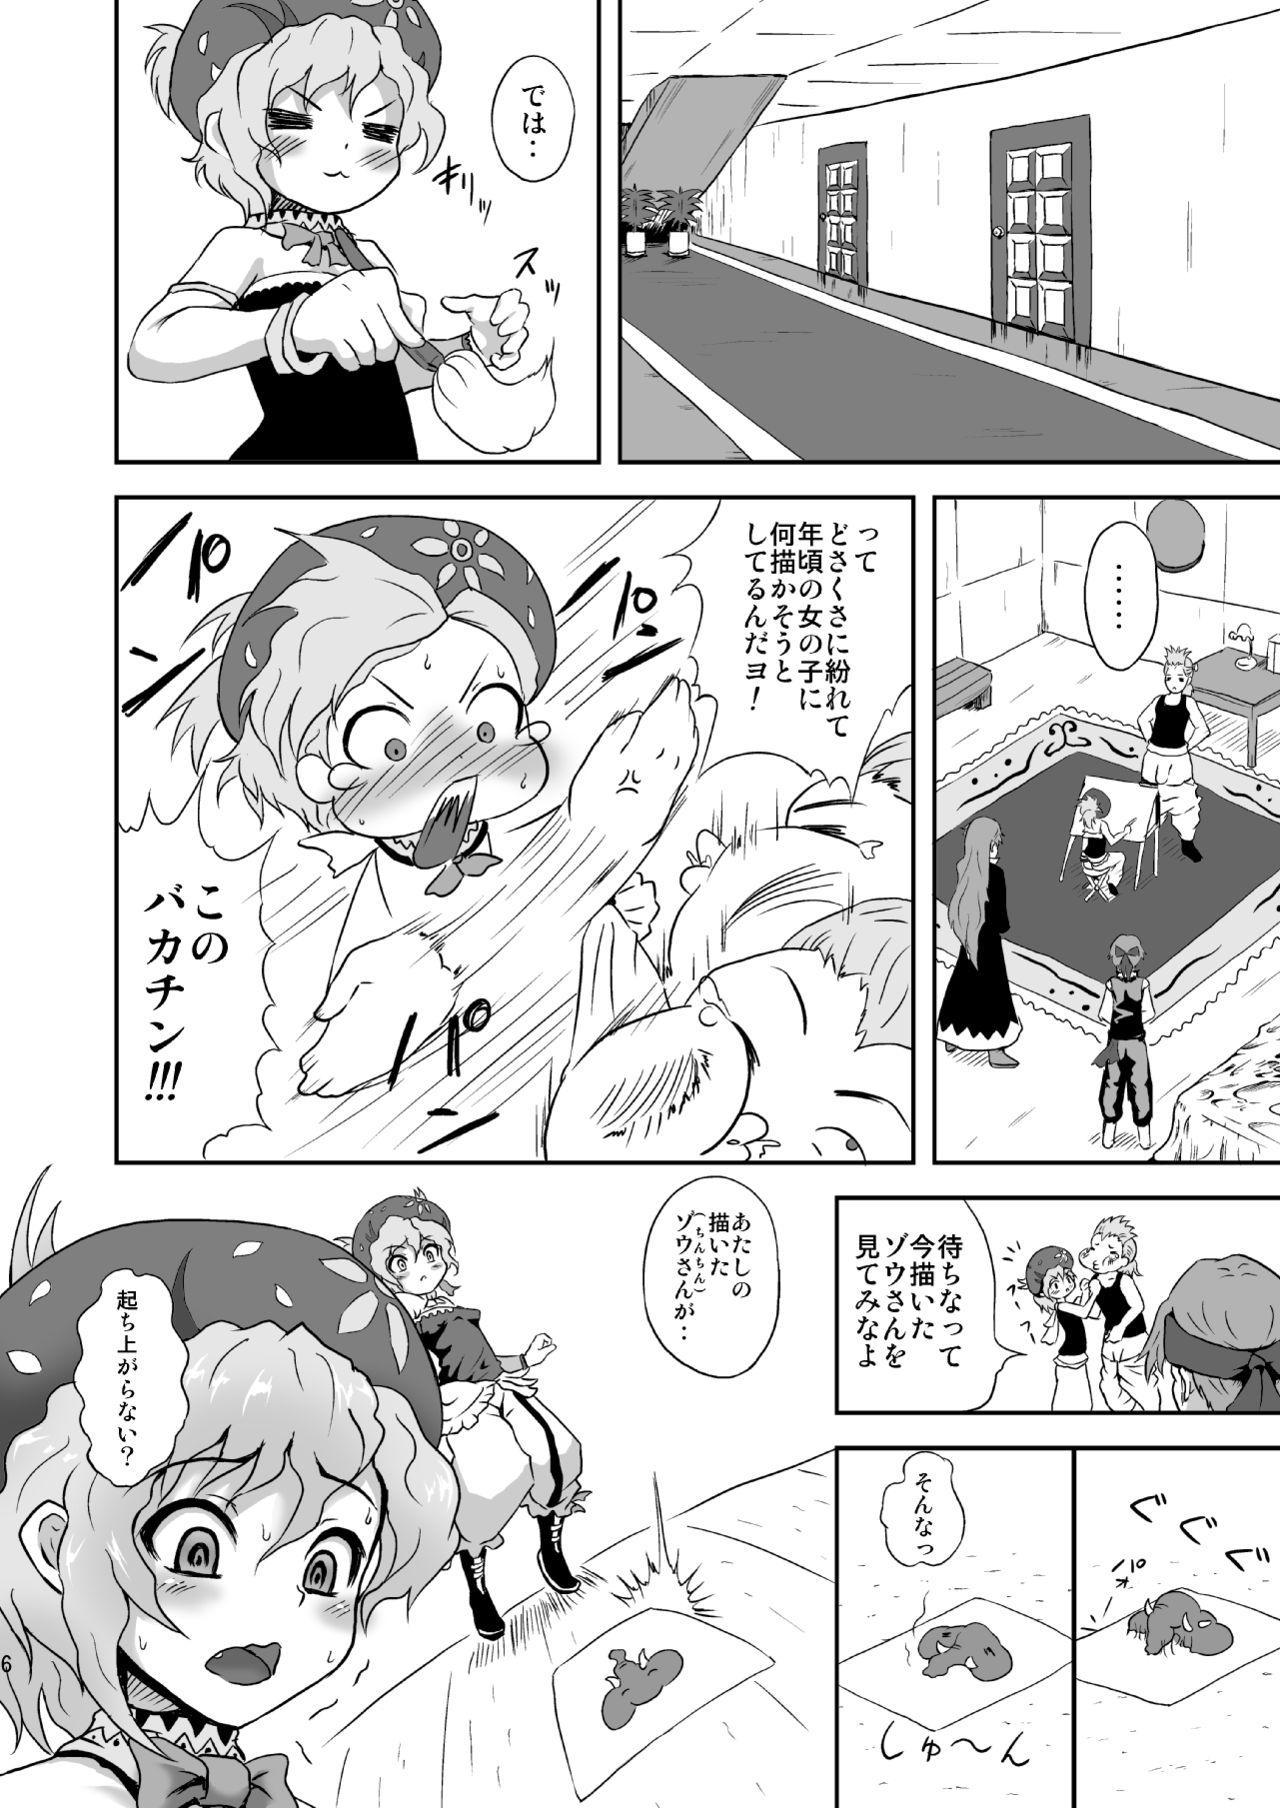 Relm-tan no Hajirai Sketch 4